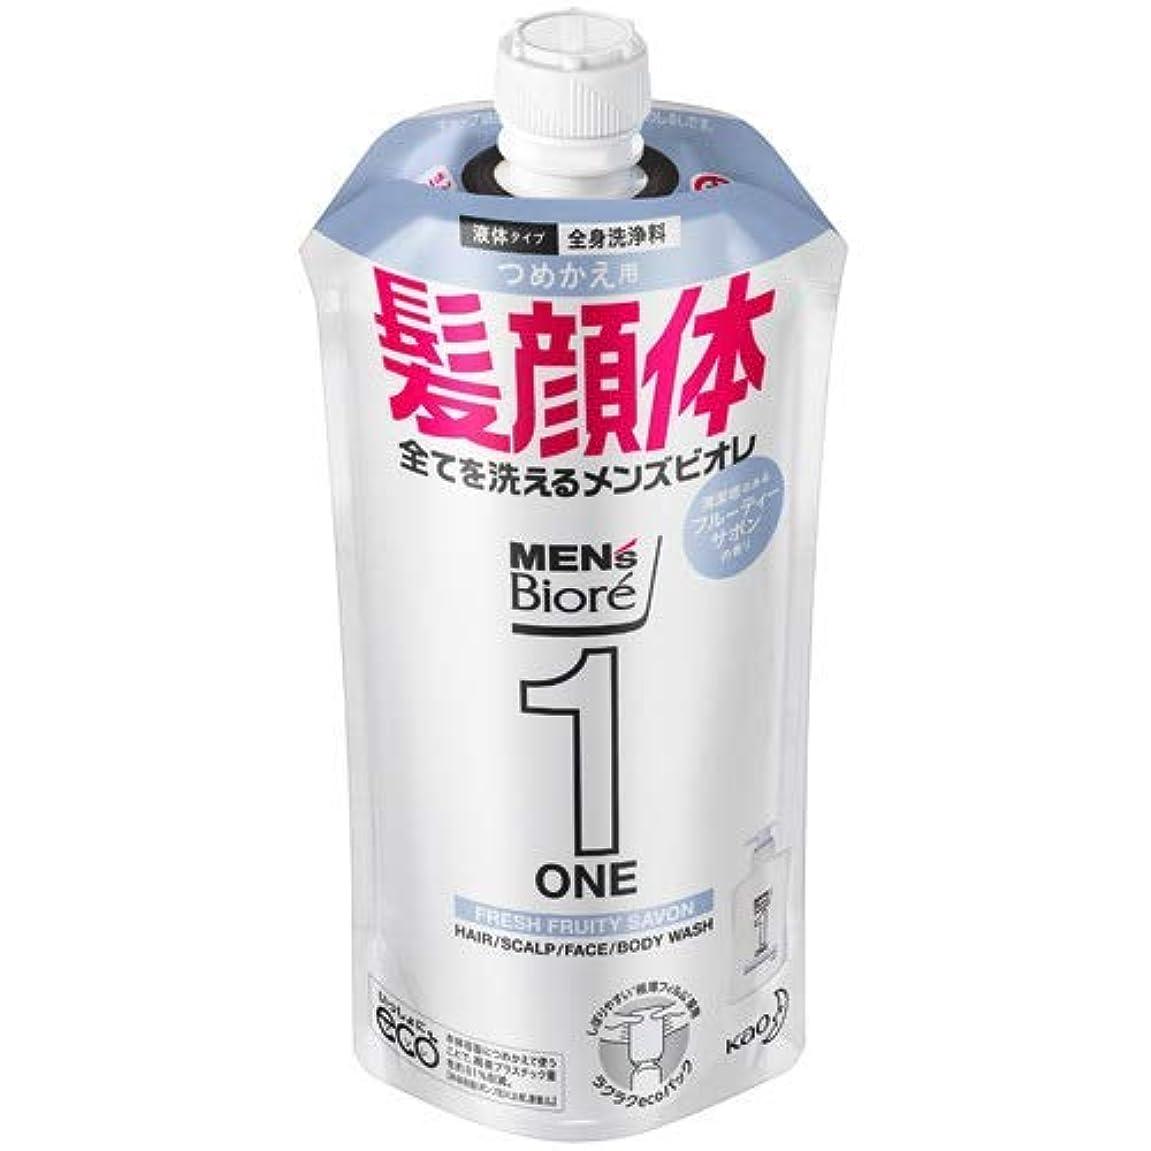 ステーキ腹部するだろう【10個セット】メンズビオレONE オールインワン全身洗浄料 清潔感のあるフルーティーサボンの香り つめかえ用 340mL